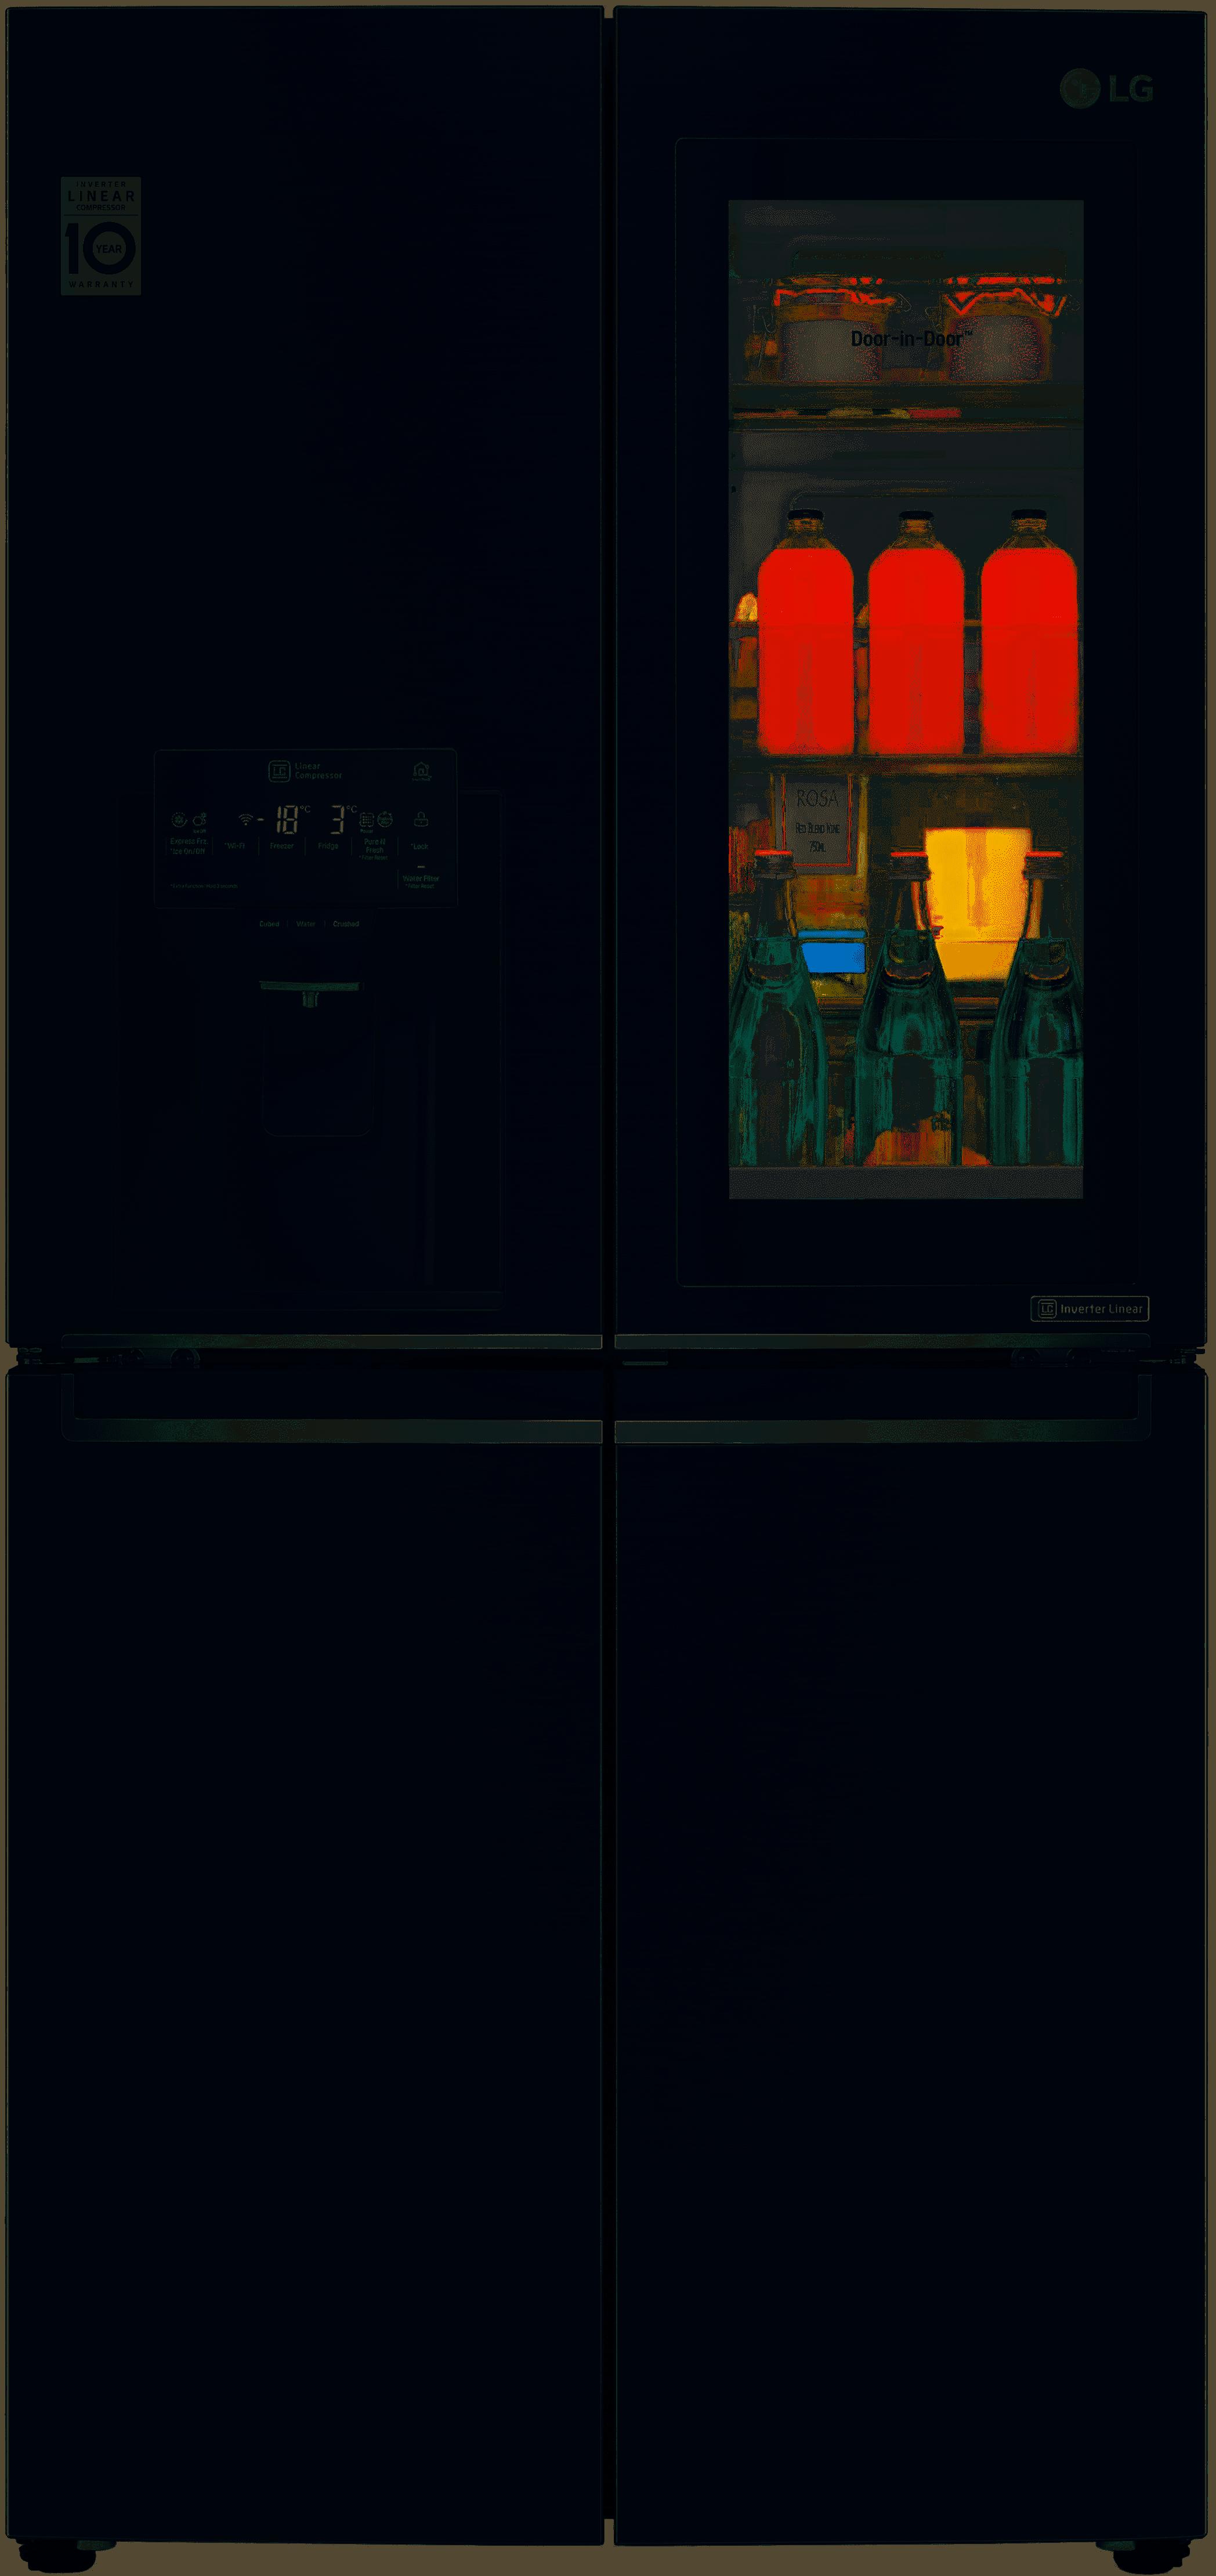 LG GMX844MCKV Slim French Door Fridge, With Instaview Door-In-Door, In Matte Black